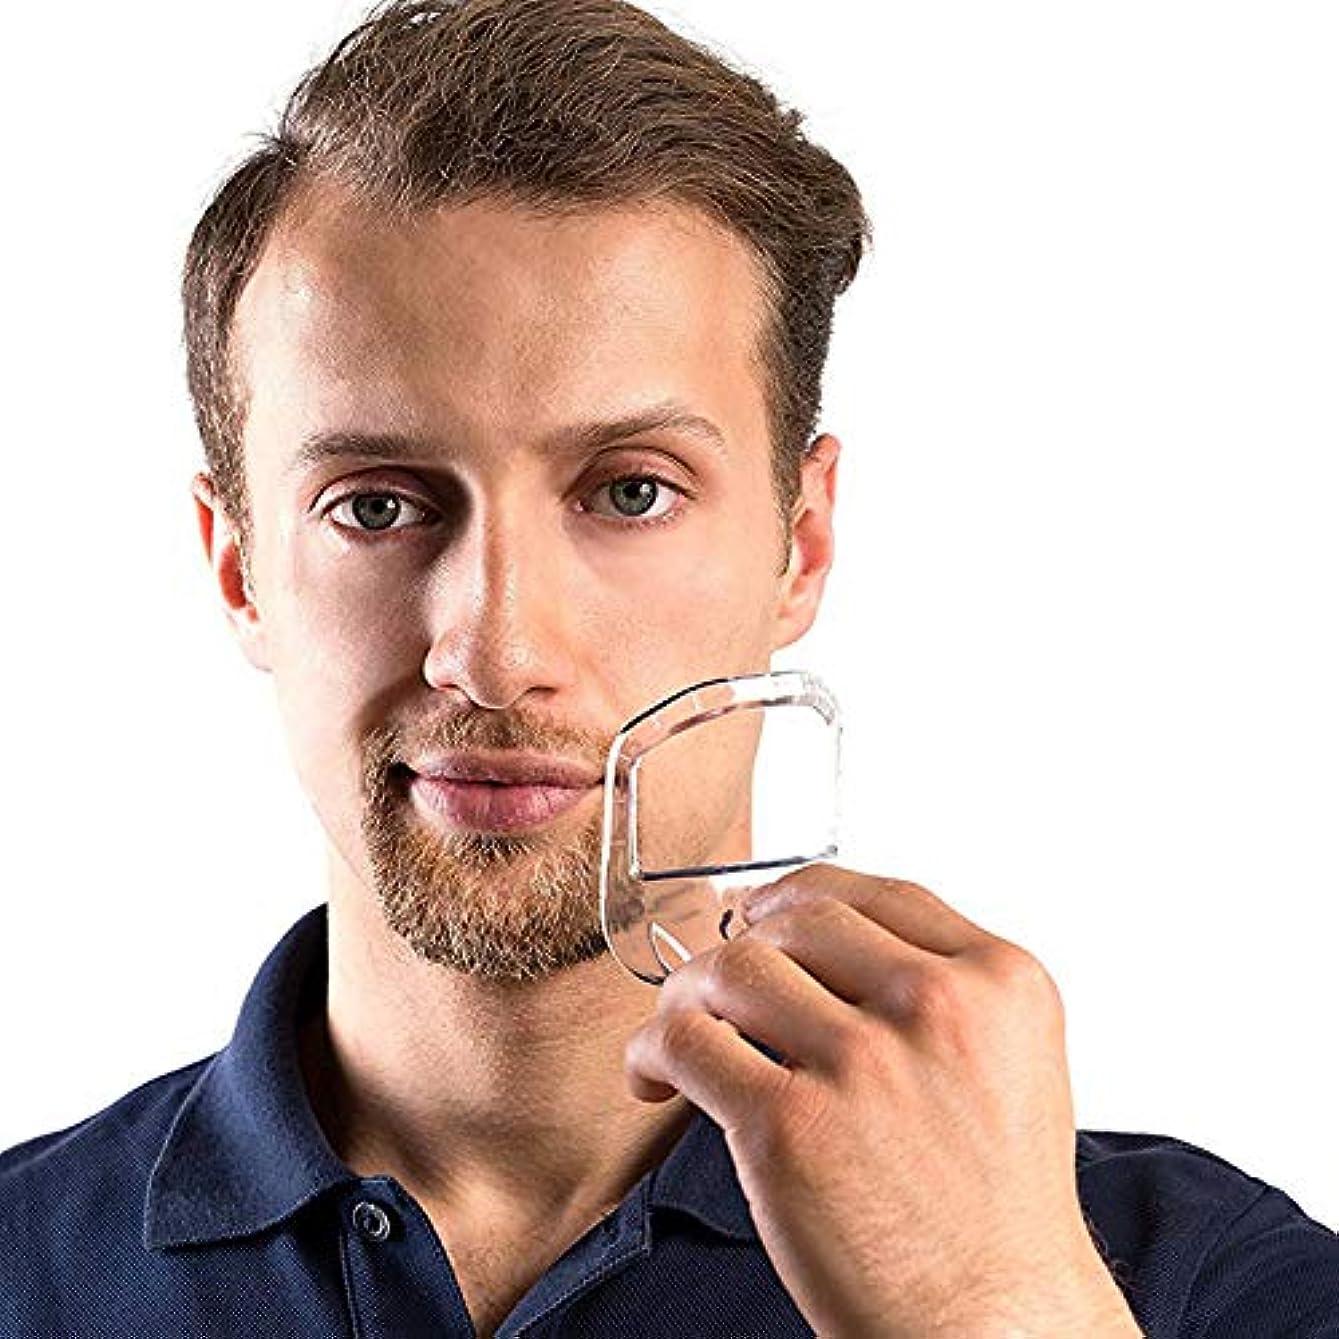 クレタ何十人もヒステリックSODIAL 5ピース/セット 対称カットあごひげ ネックライン口ひげ グルーミングひげスタイリングケアひげシェーピングシェービングツール - 透明色